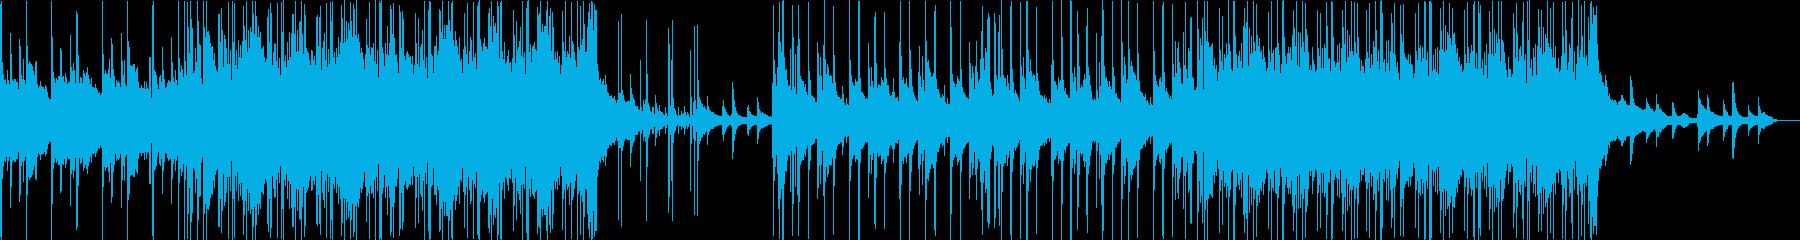 前向きで少し切ない感じ。ピアノストリン…の再生済みの波形